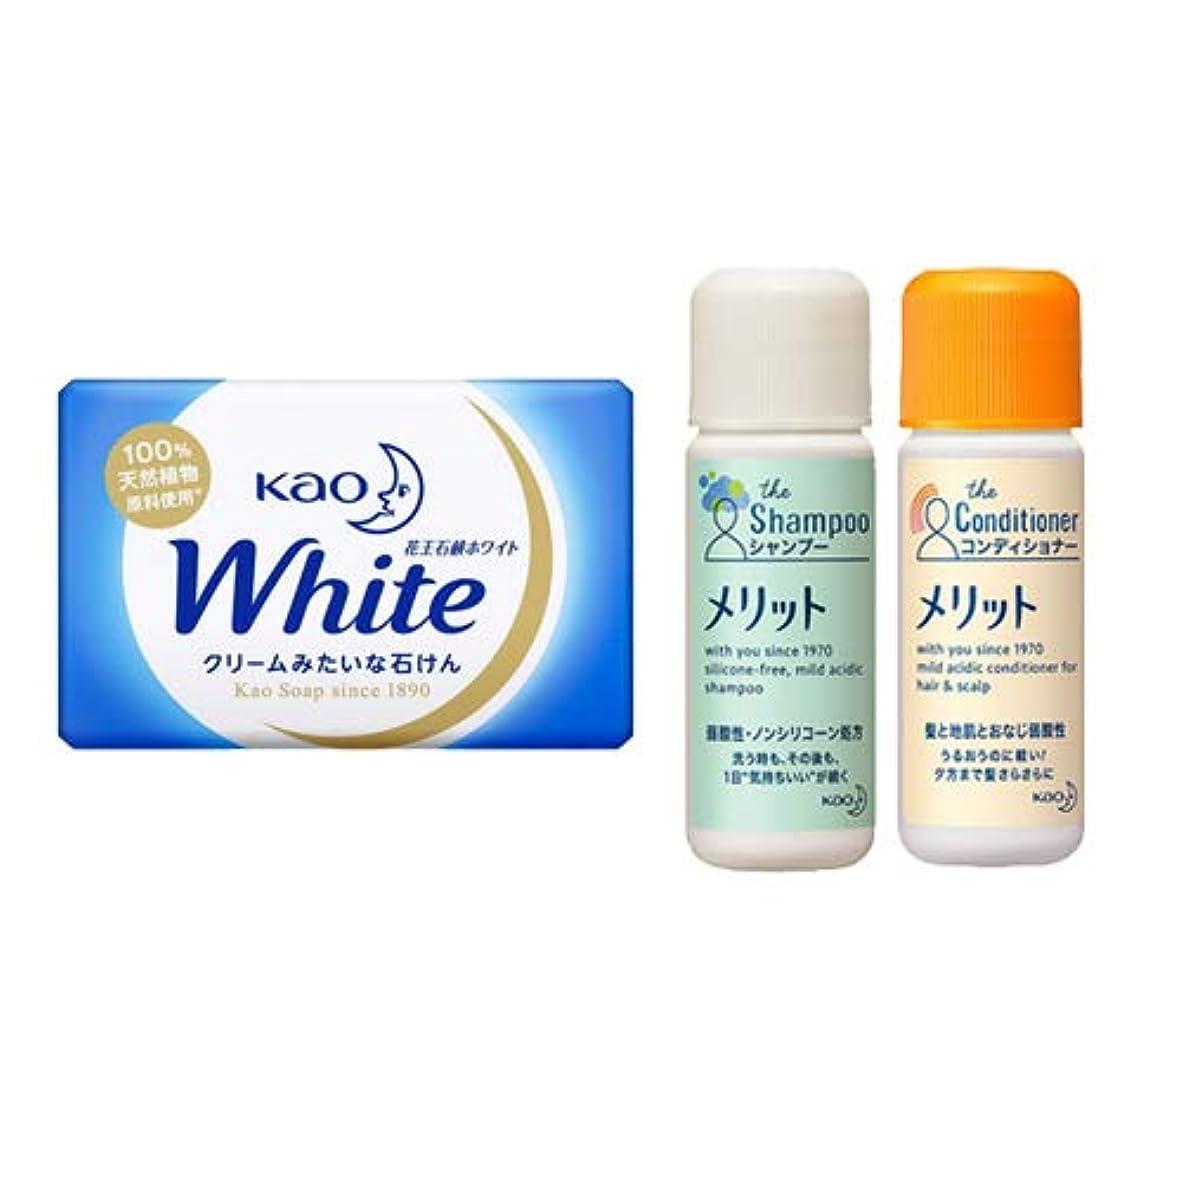 タイト臨検投げる花王(KAO) 石鹸ホワイト(Kao Soap White) 15g + メリットシャンプー 16ml + リンス 16ml セット